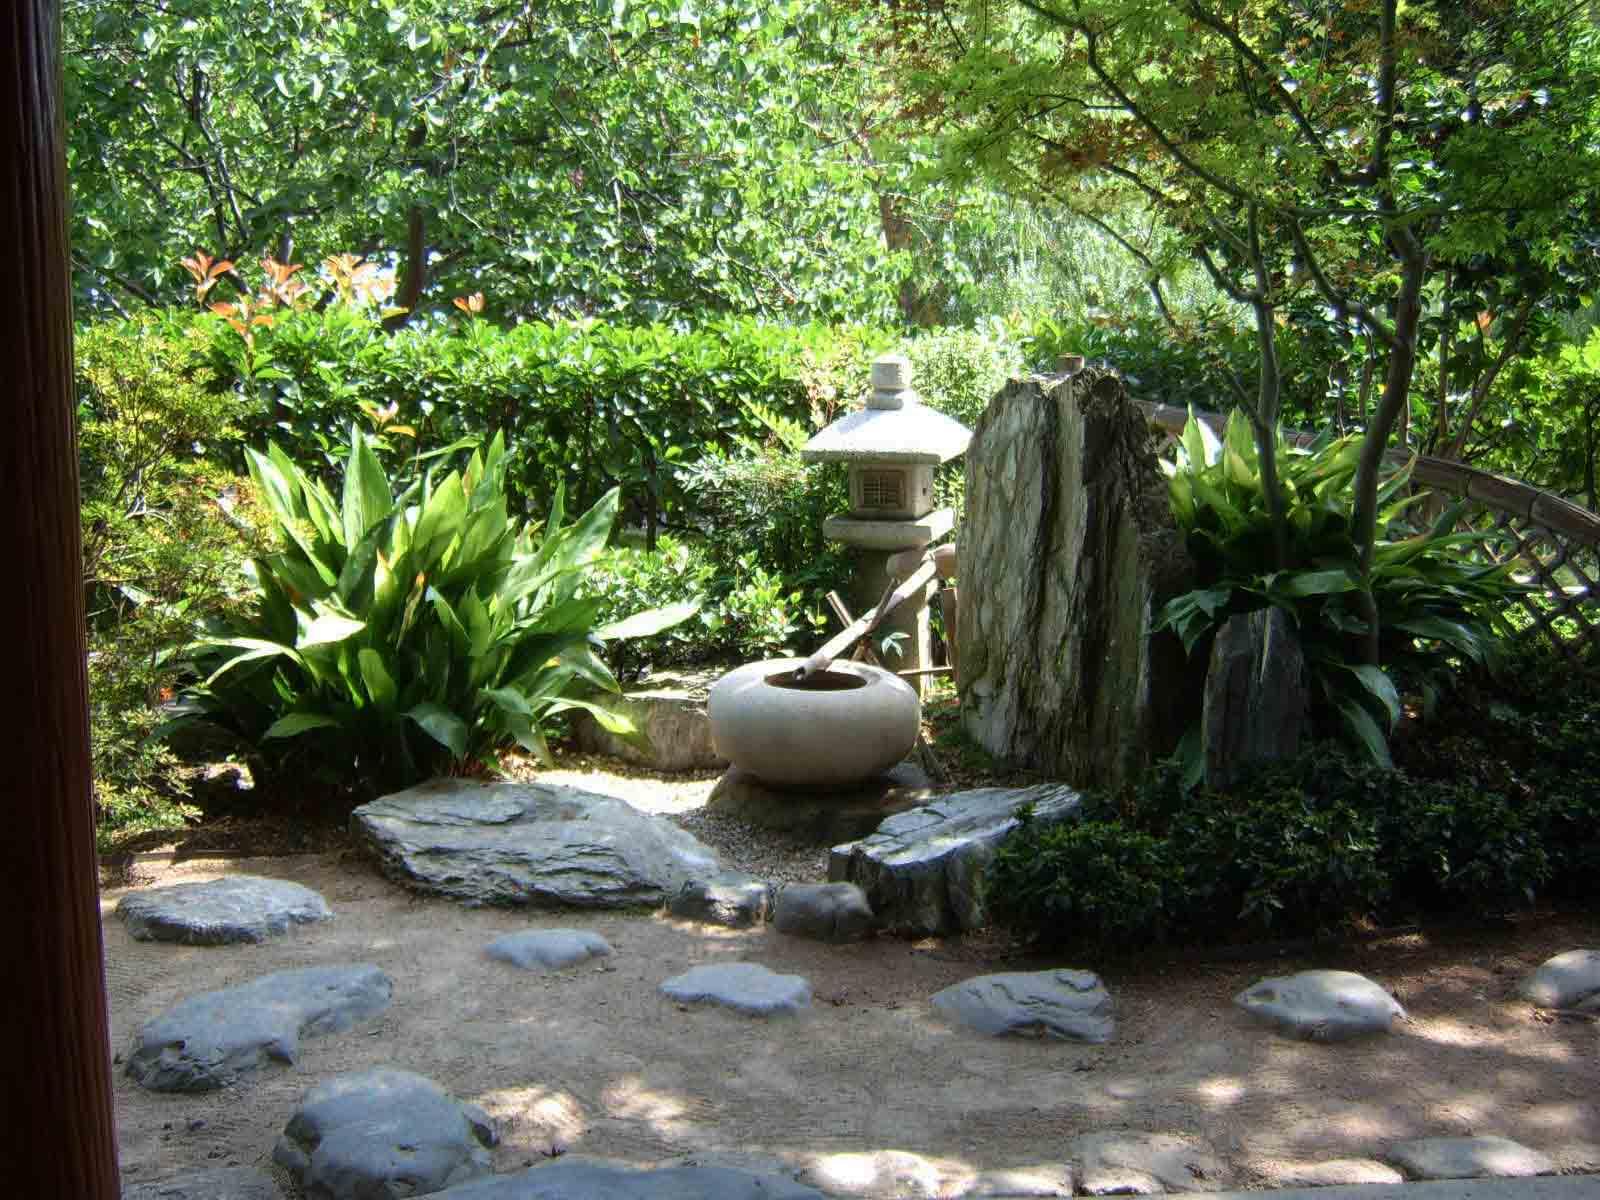 Giardino giapponese creareverde 02 creare verde for Giardino zen piante